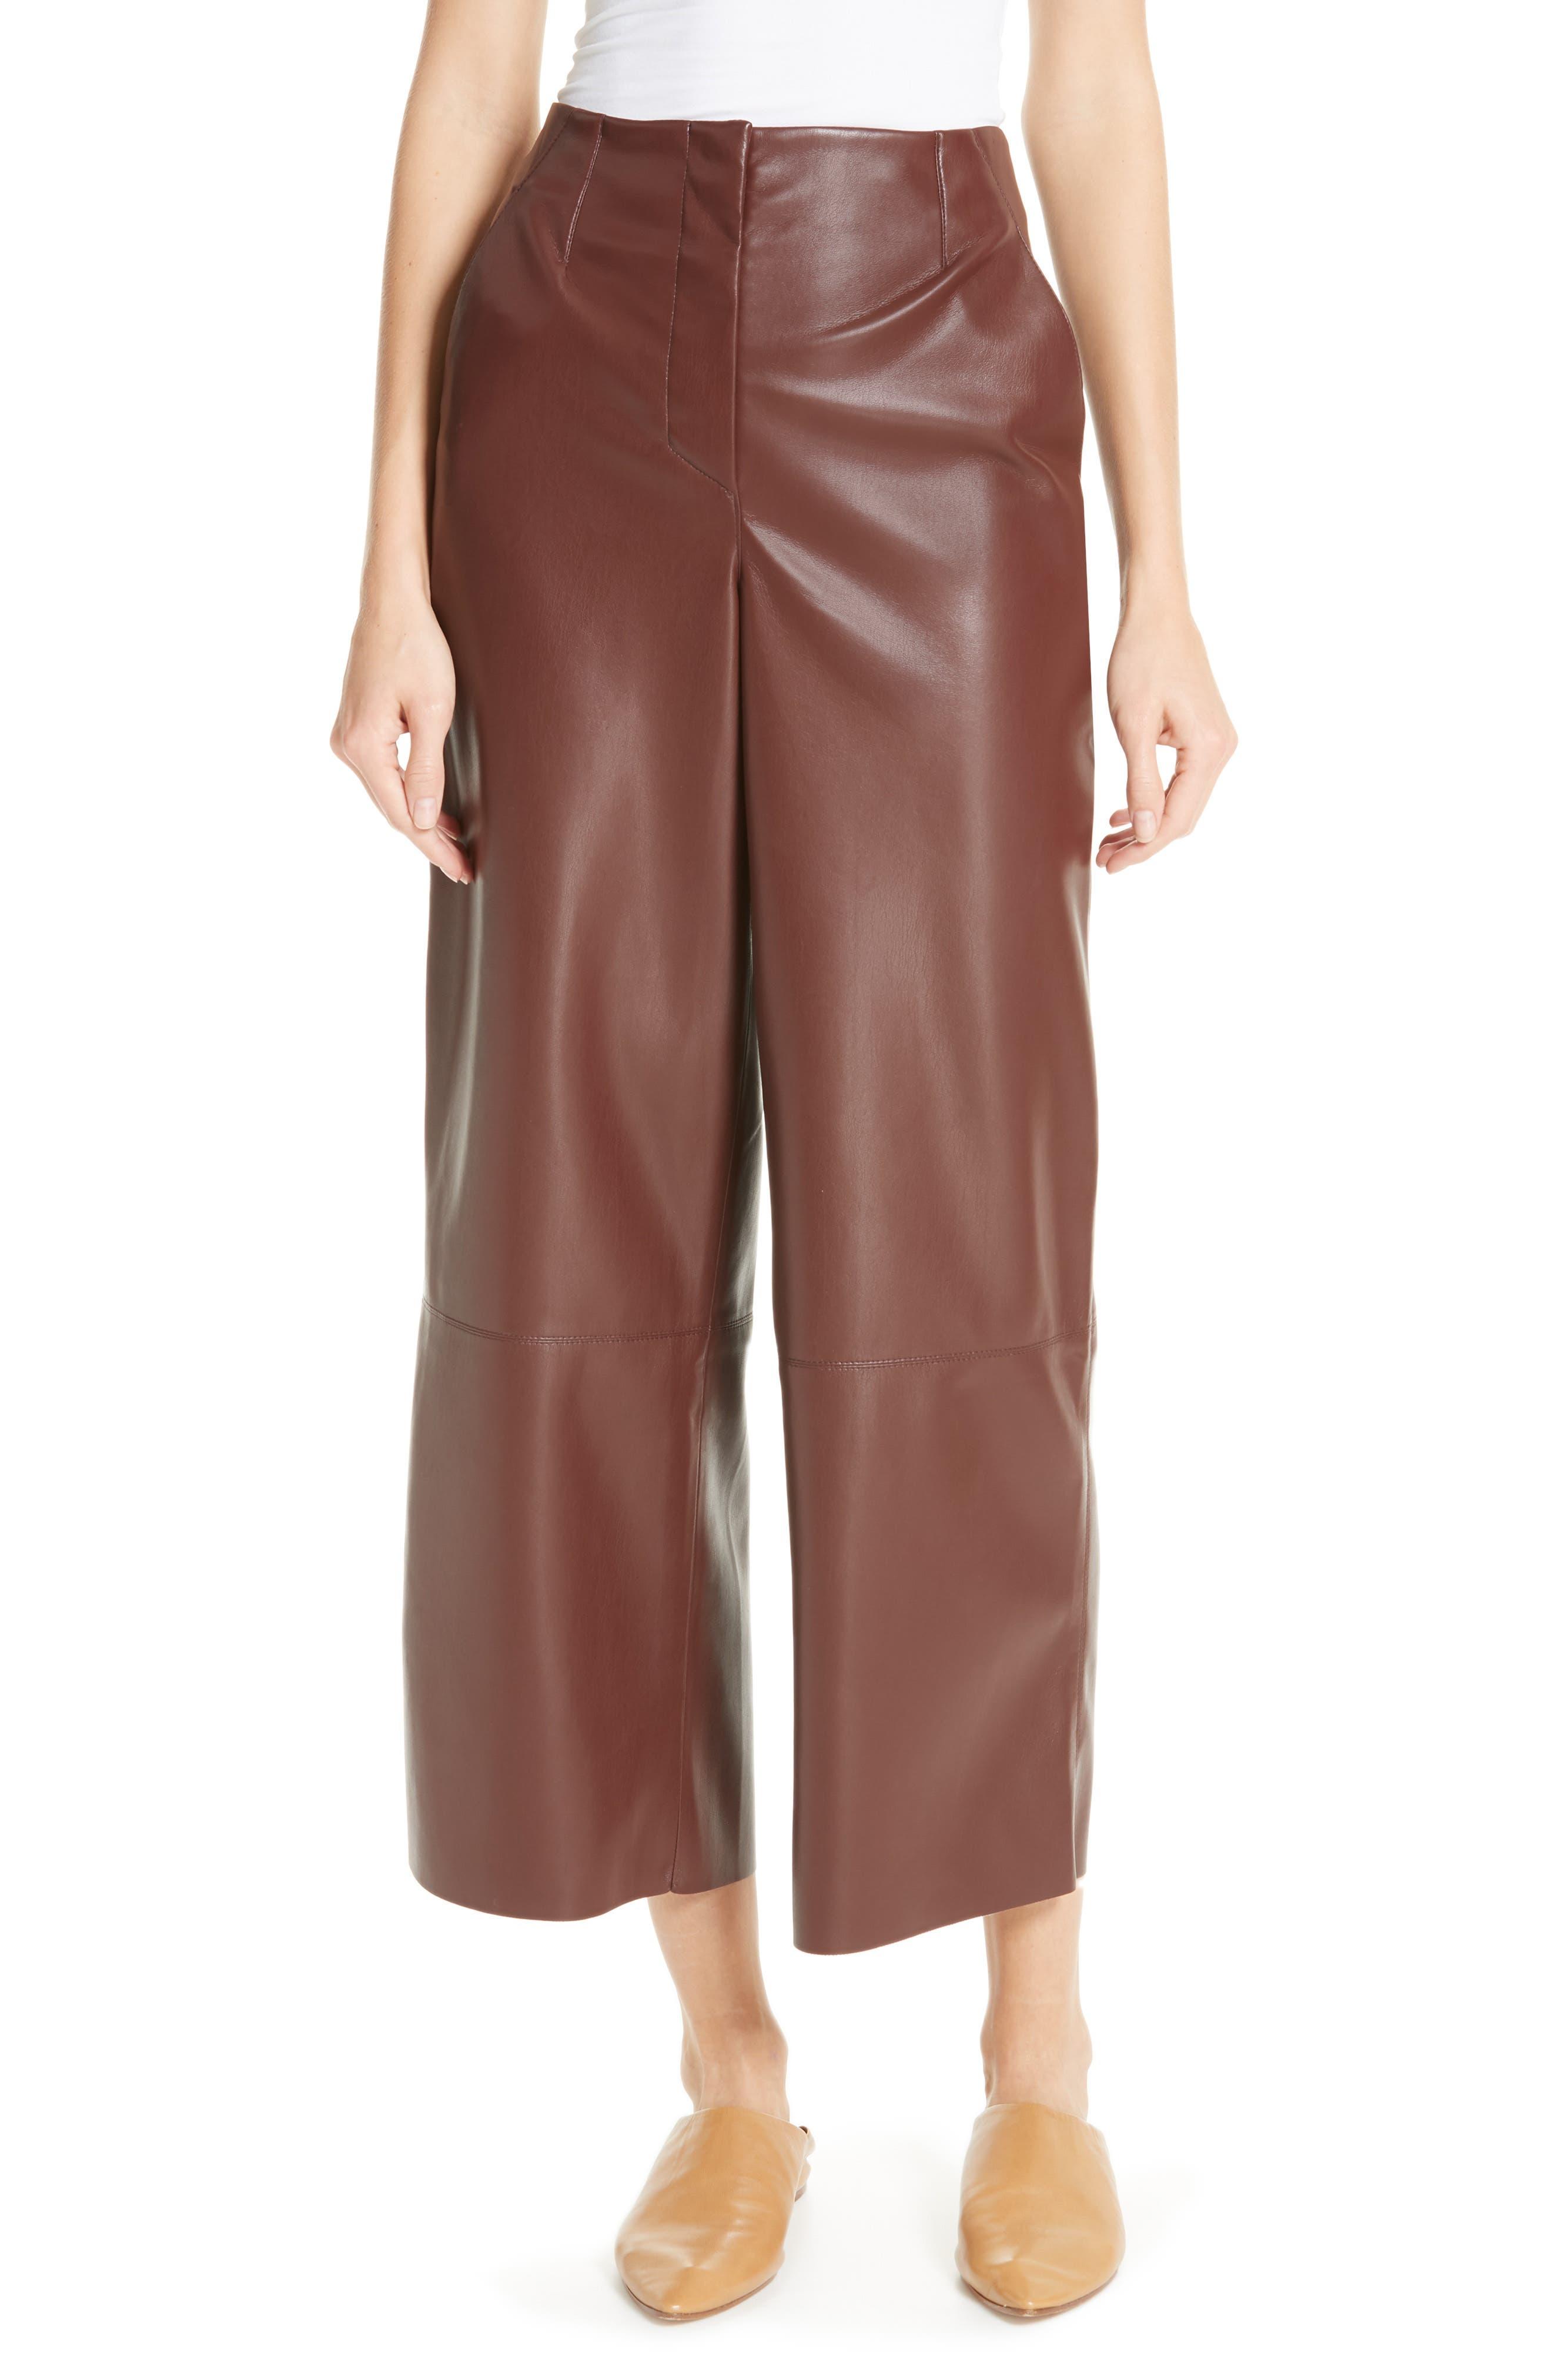 Africa Faux Leather Wide Leg Crop Pants,                             Main thumbnail 1, color,                             PLUM CHUTNEY